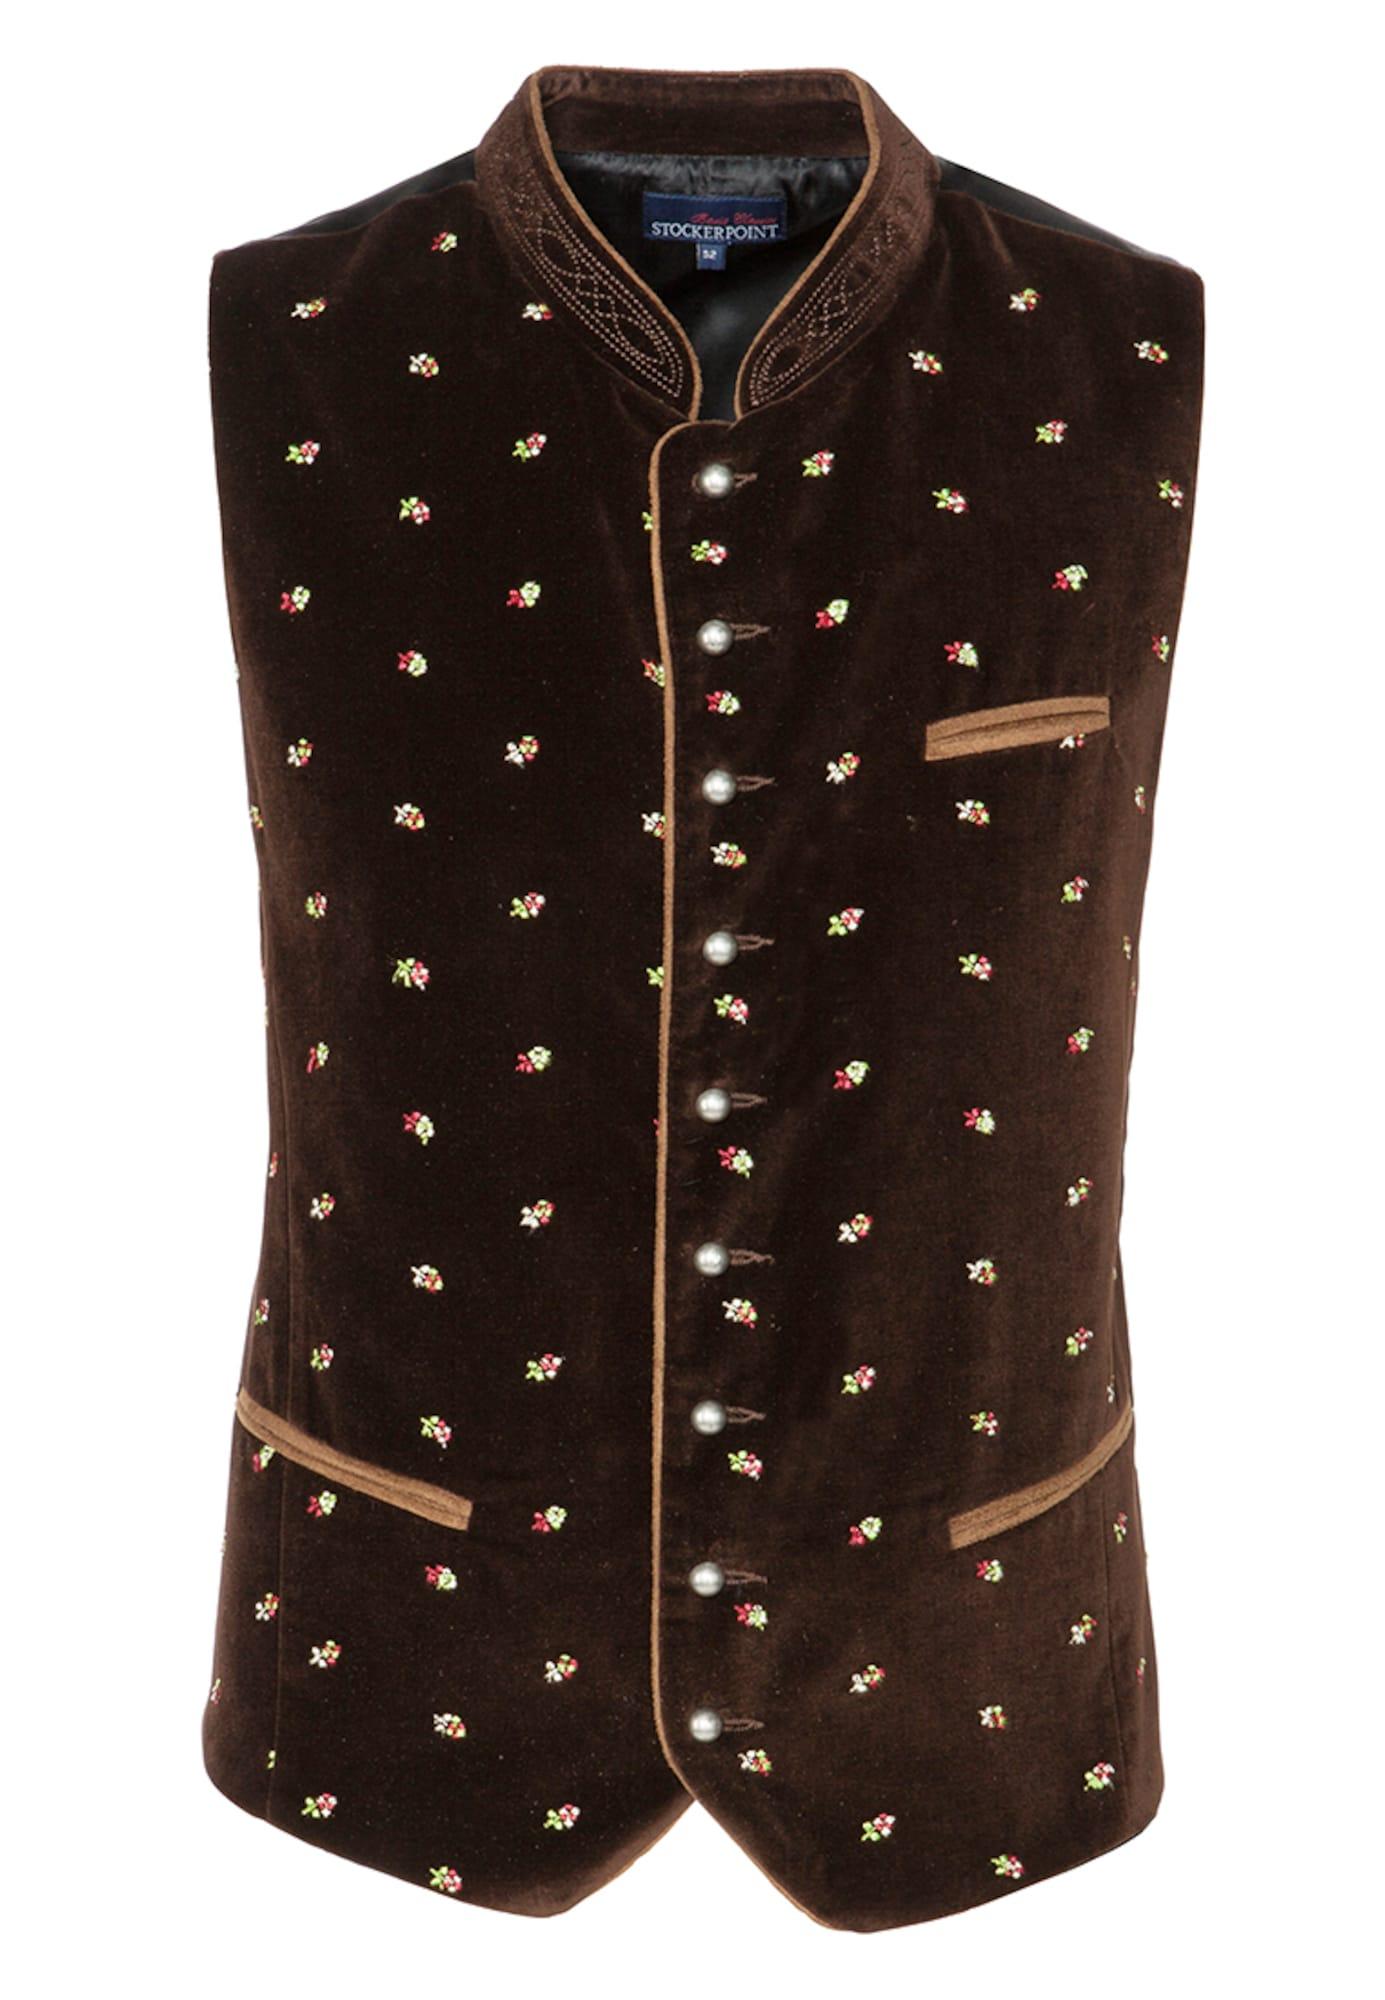 STOCKERPOINT Dalykinio stiliaus liemenė 'Calzado' ruda